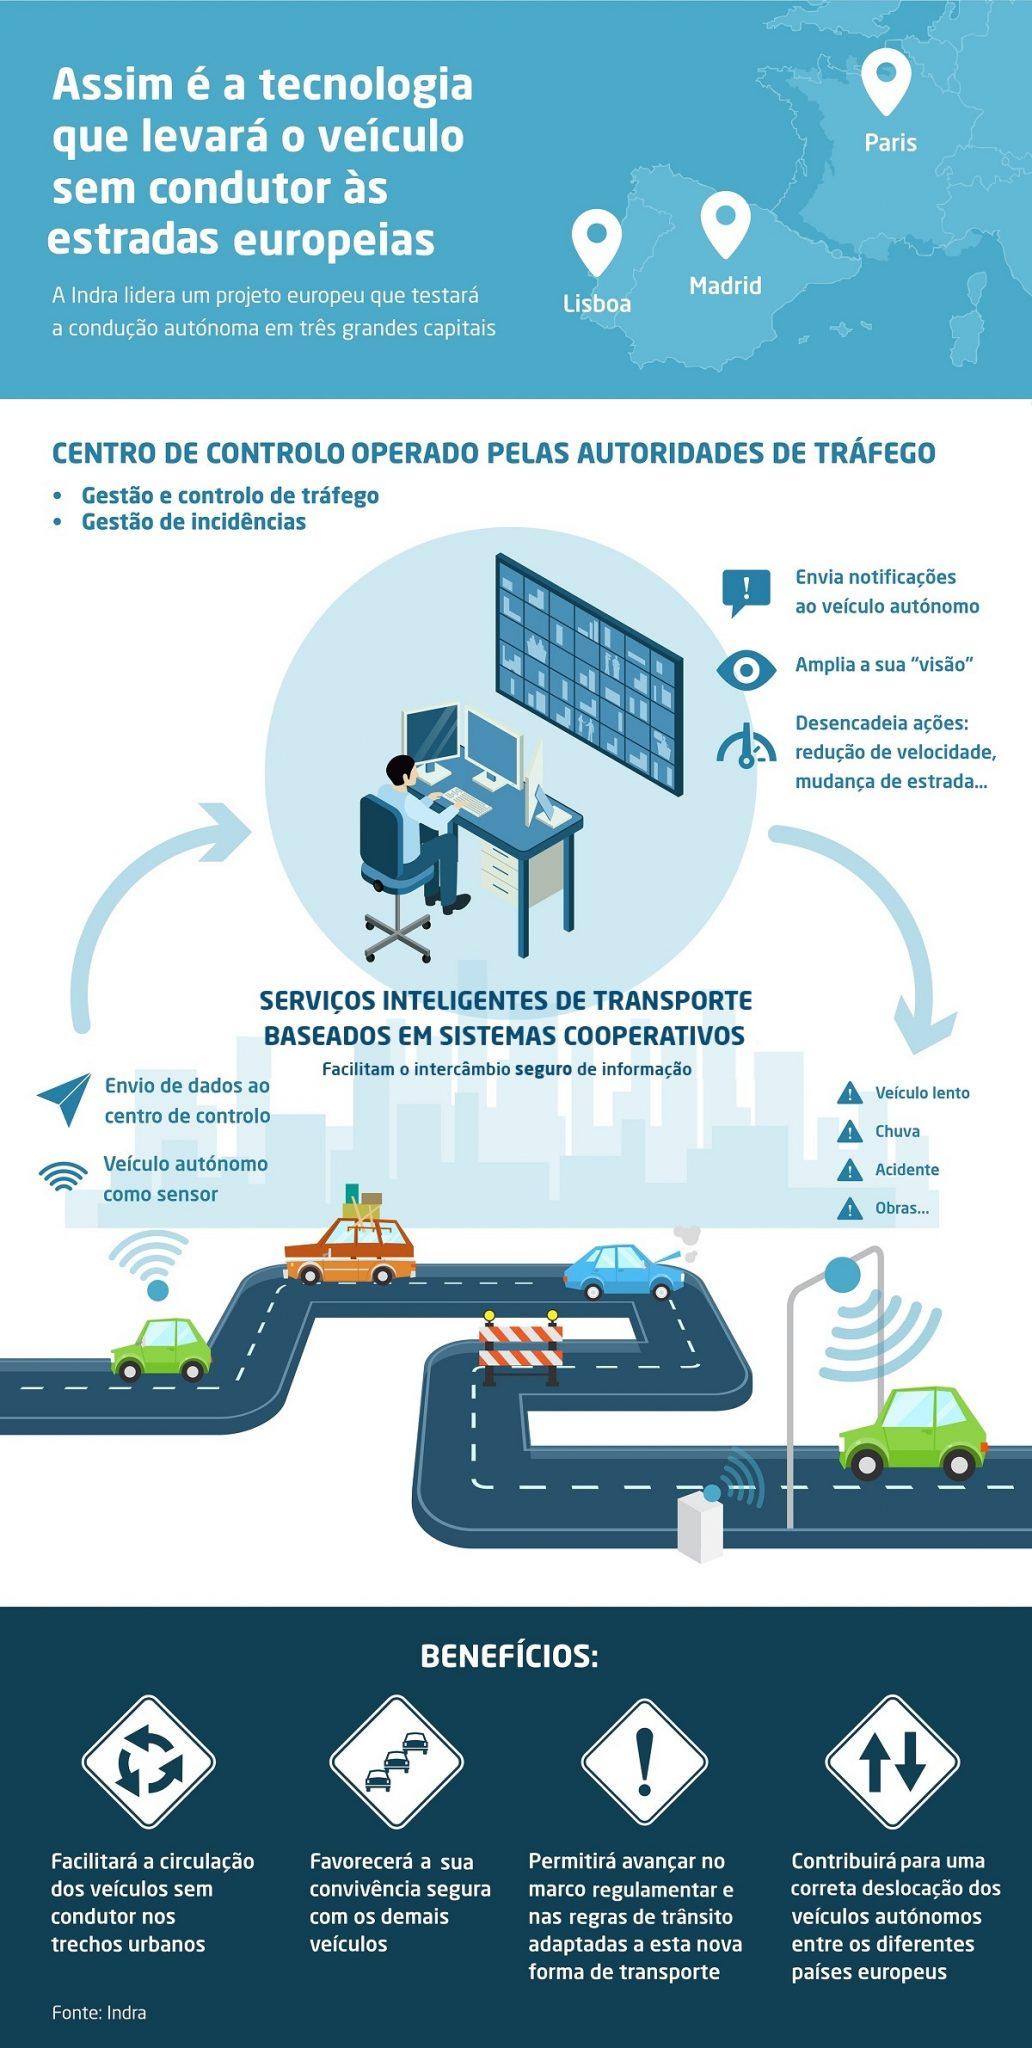 Lisboa receberá testes de condução autónoma